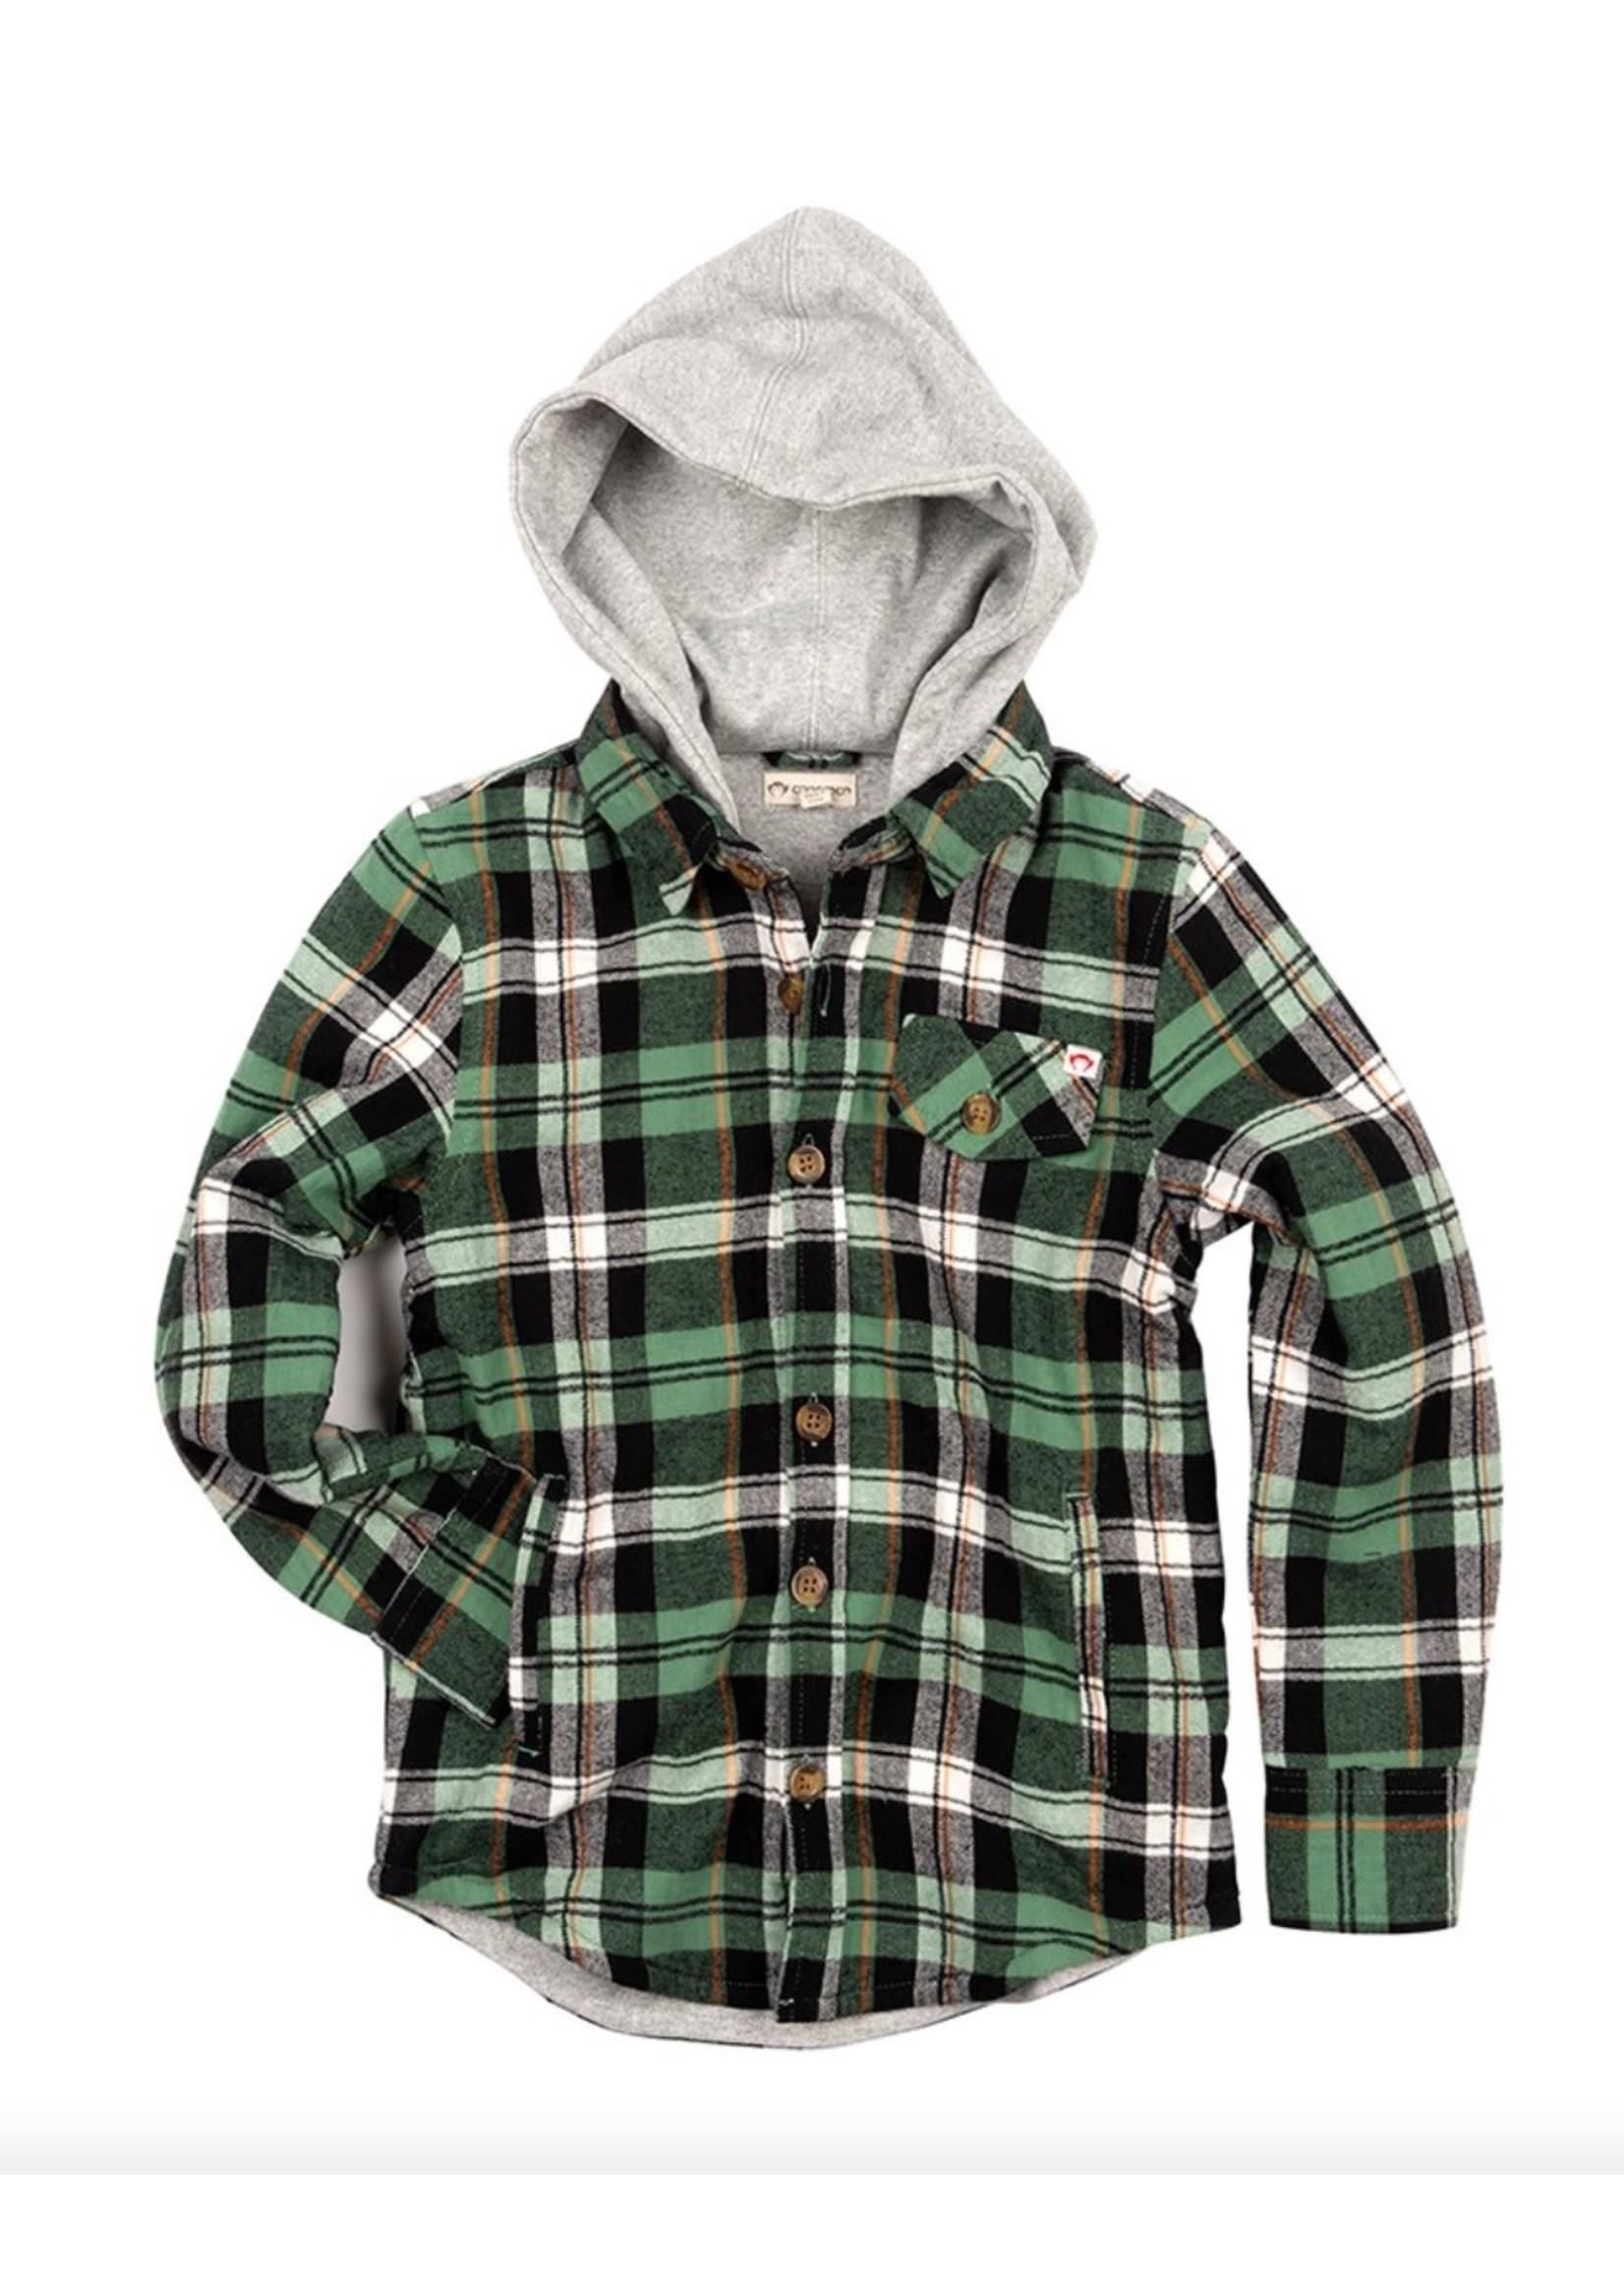 Appaman Glen Hooded Shirt in Moss Plaid